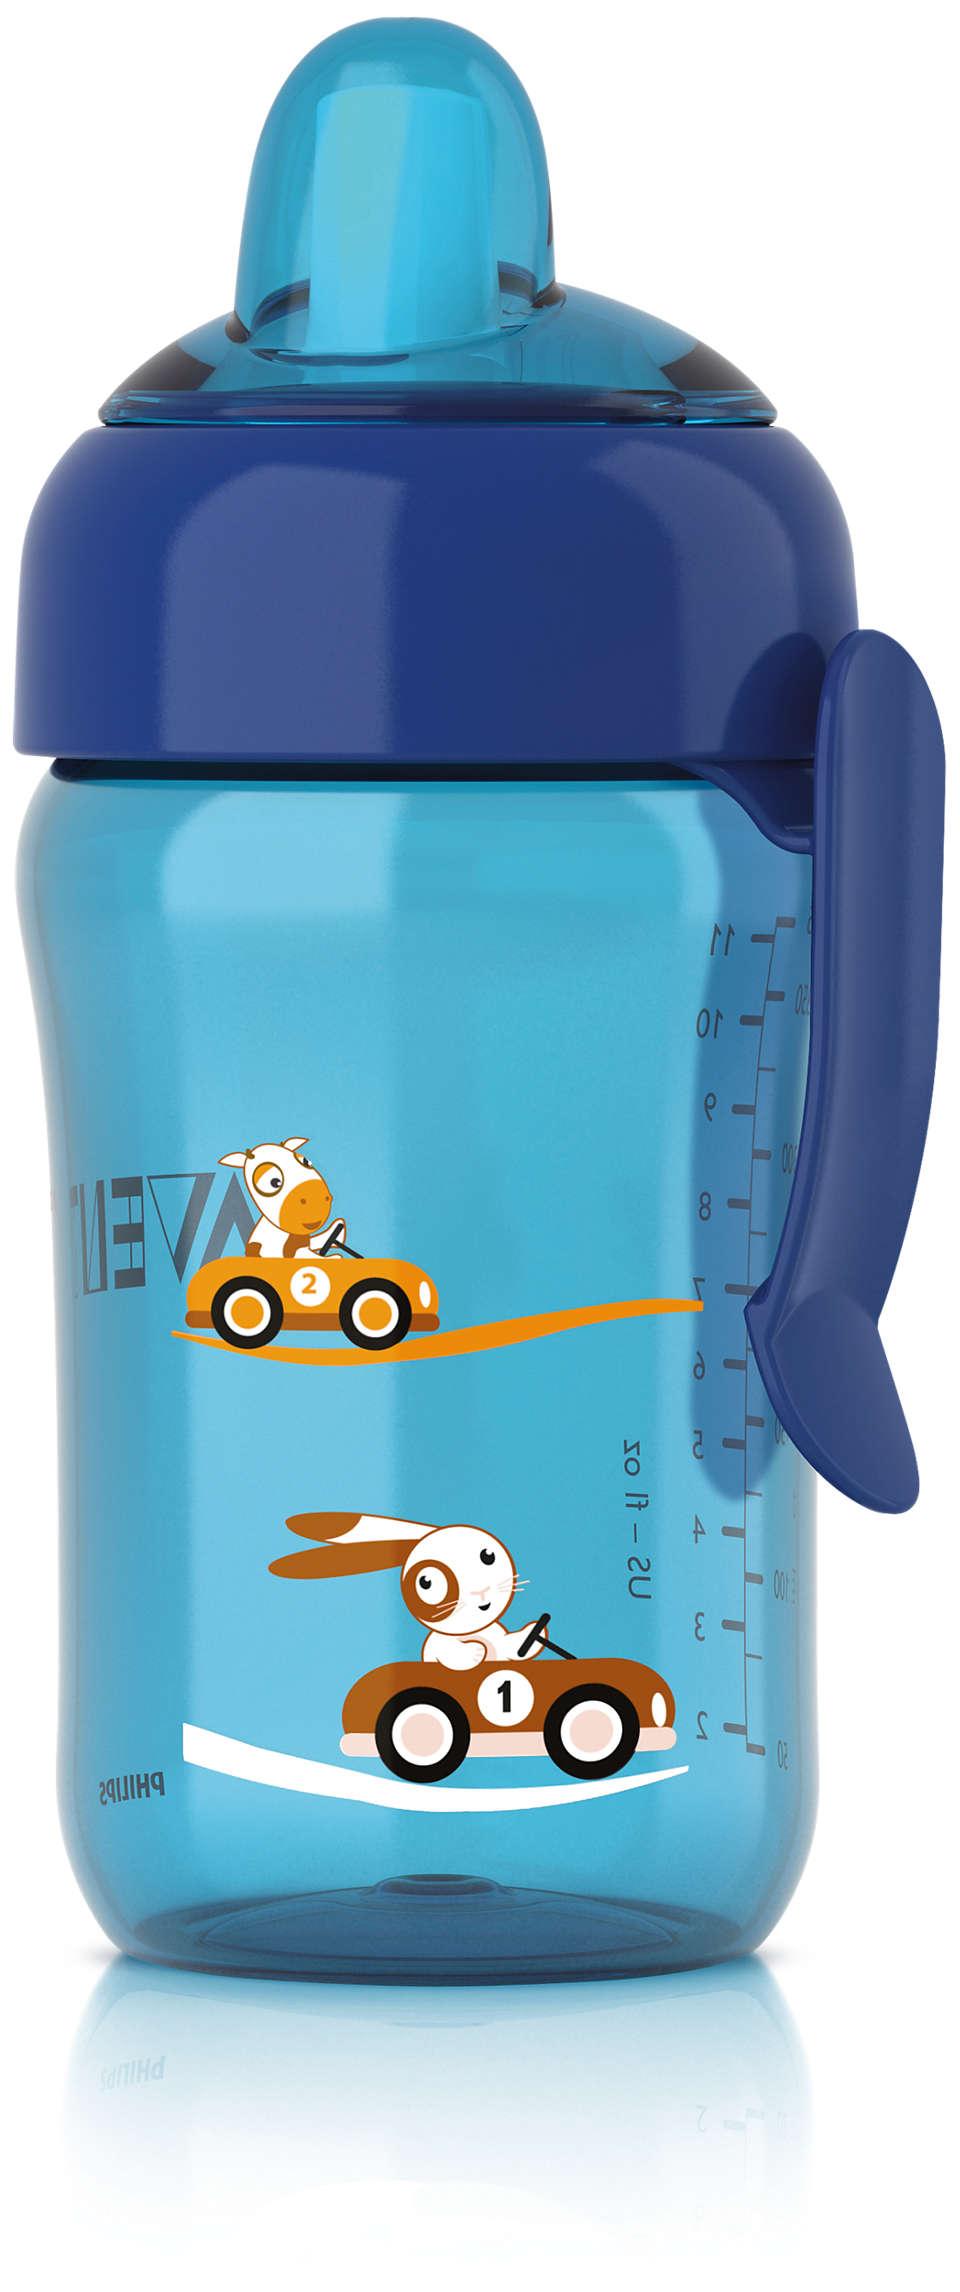 Con la válvula antigoteo, vaso limpio en cualquier parte